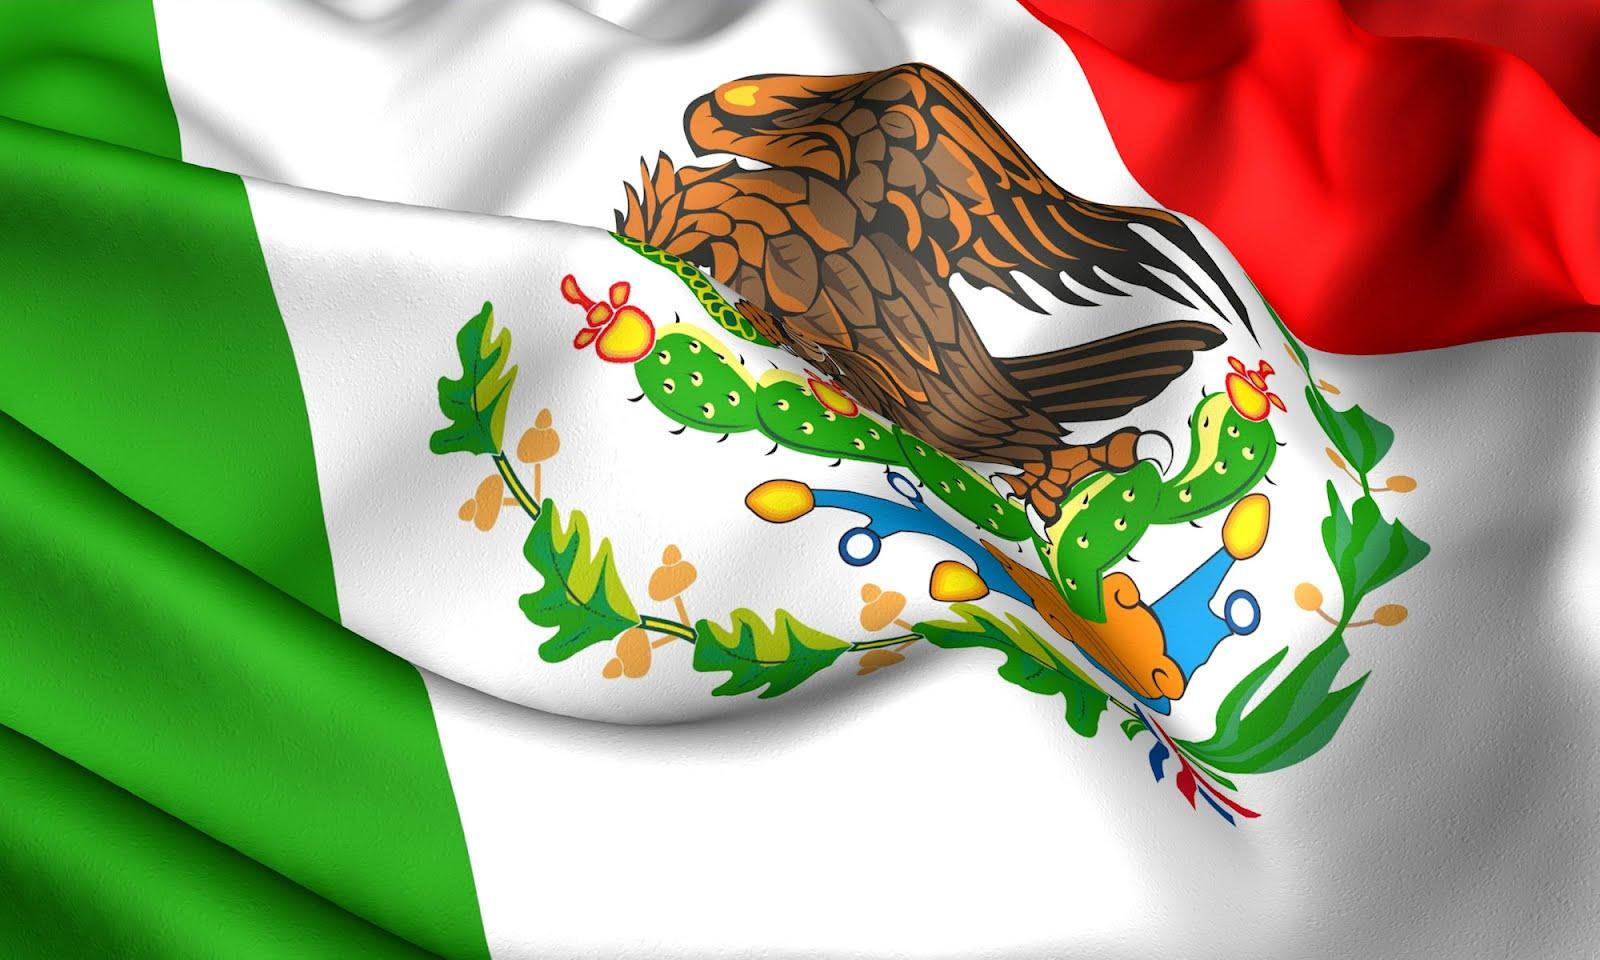 BANCO DE IMÁGENES: Bandera Mexicana